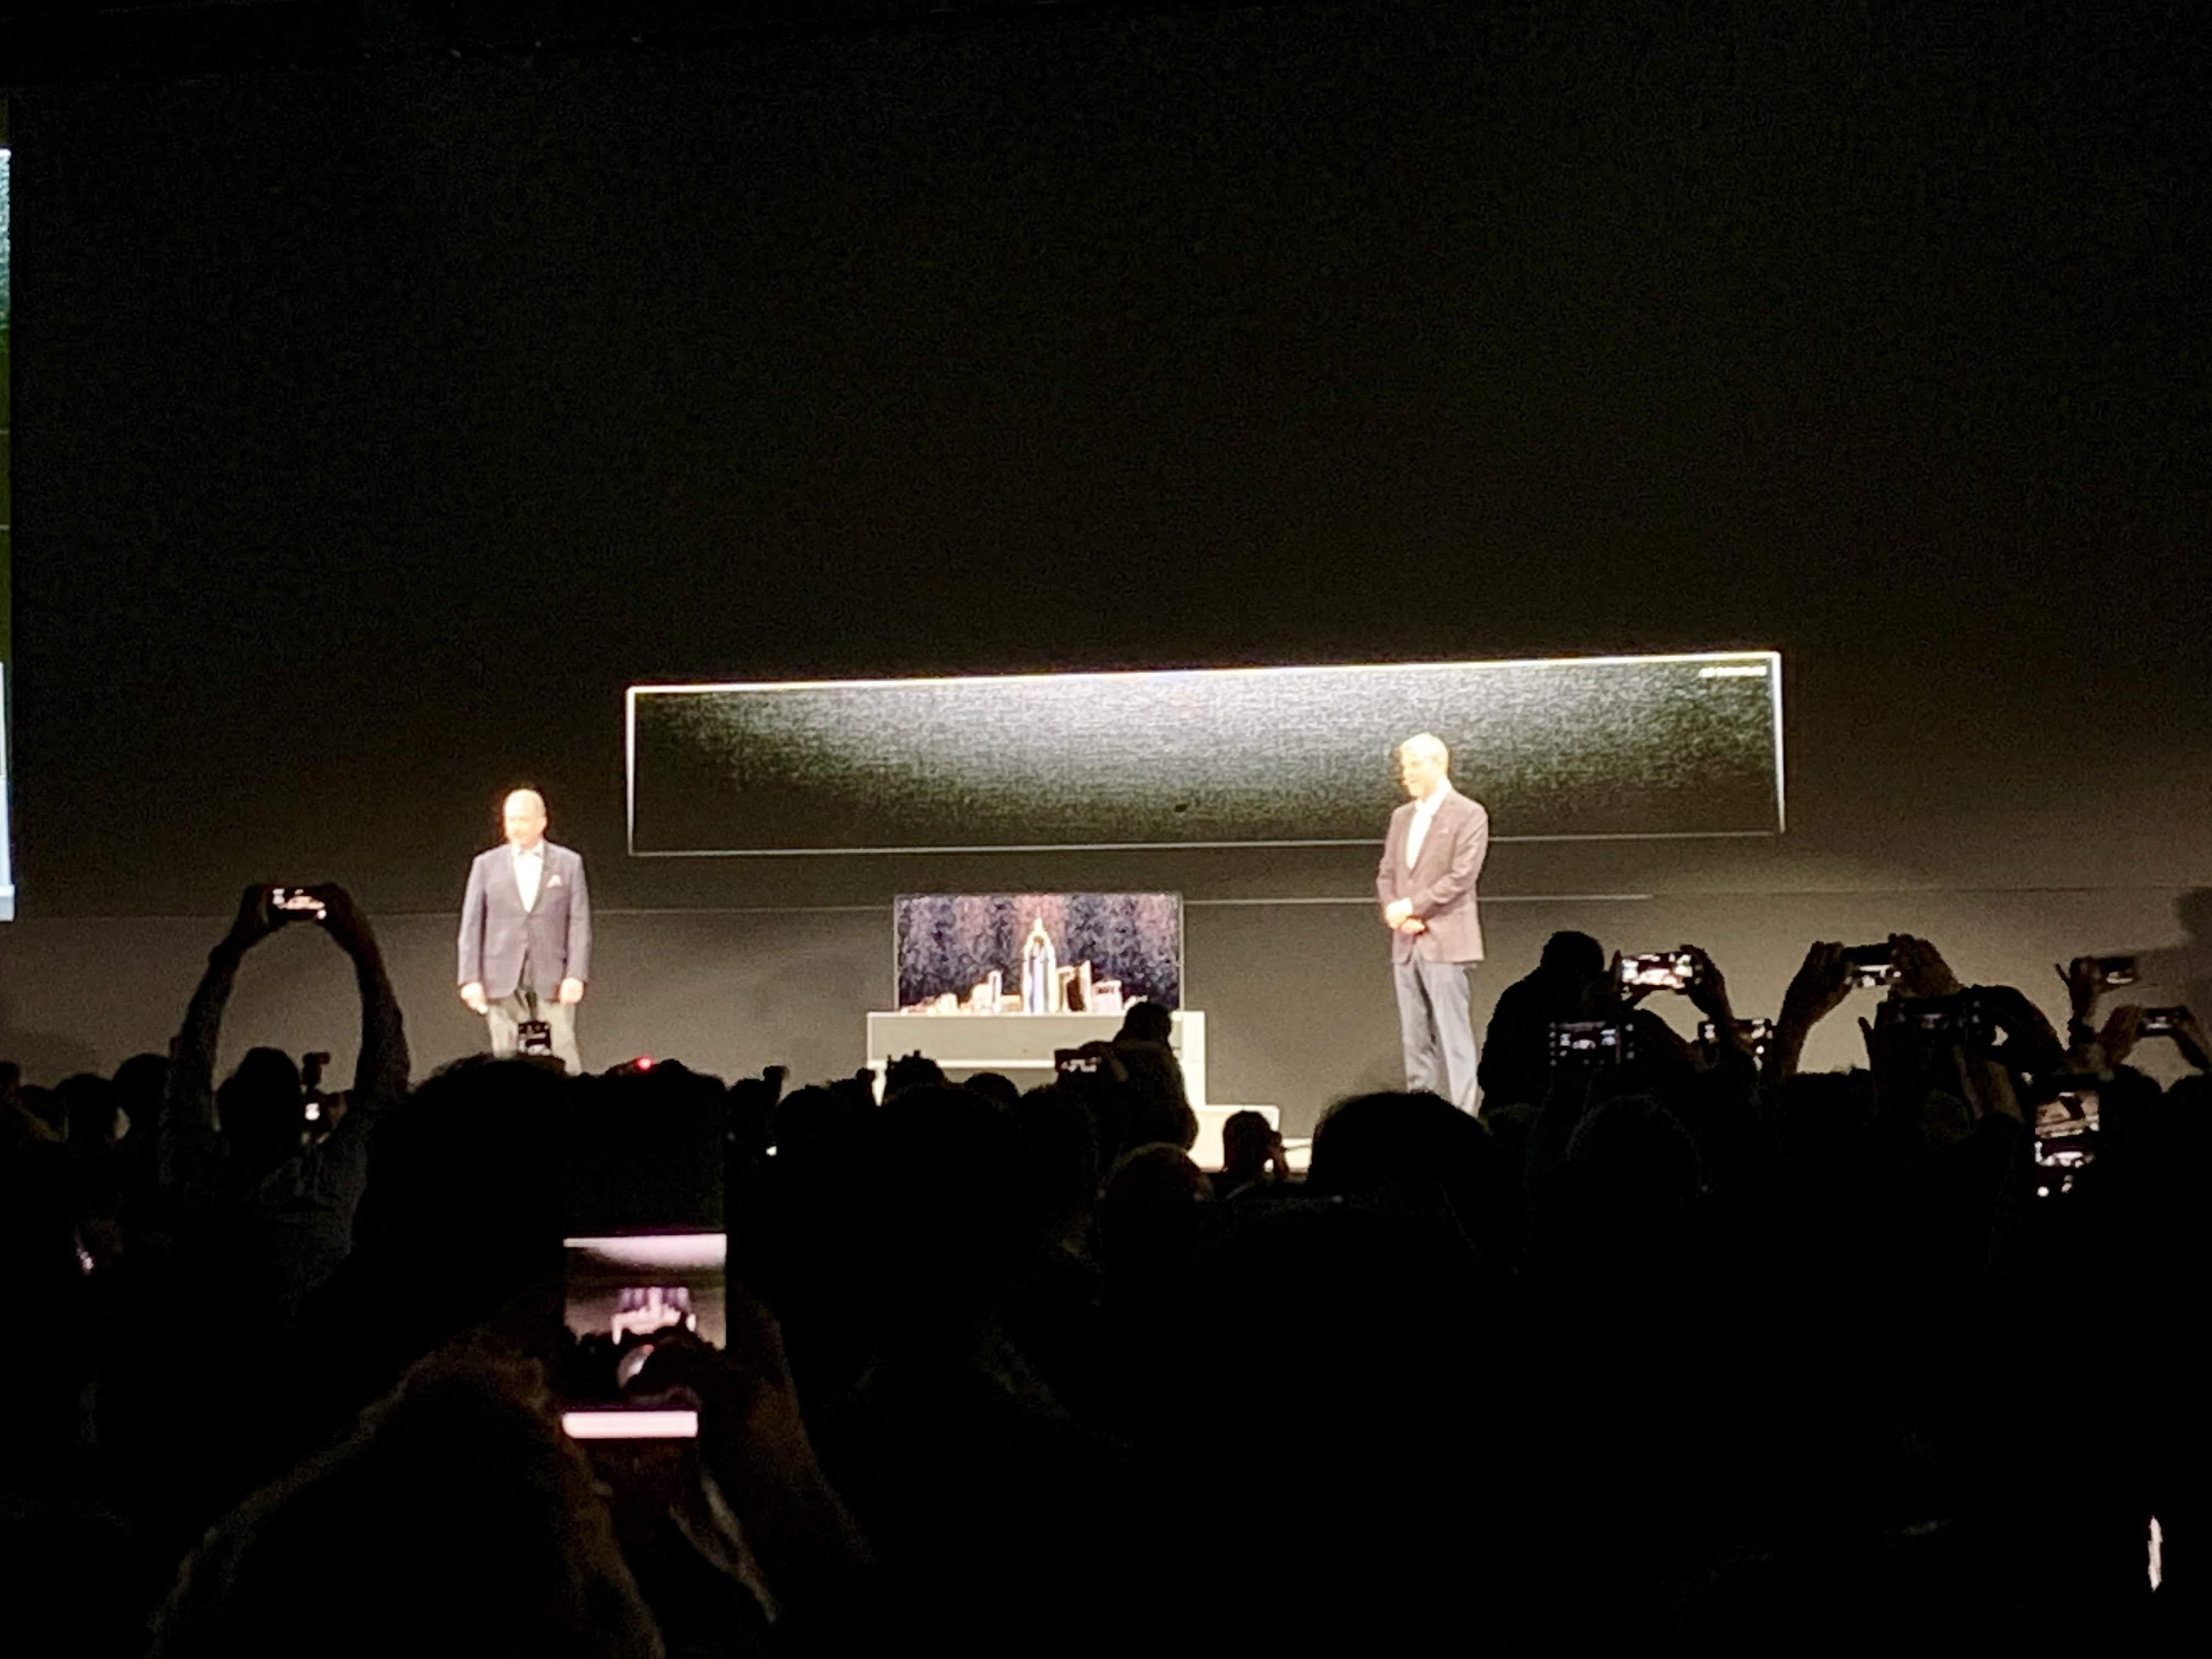 LG presentó el primer televisor OLED enrollable en CES la 2019